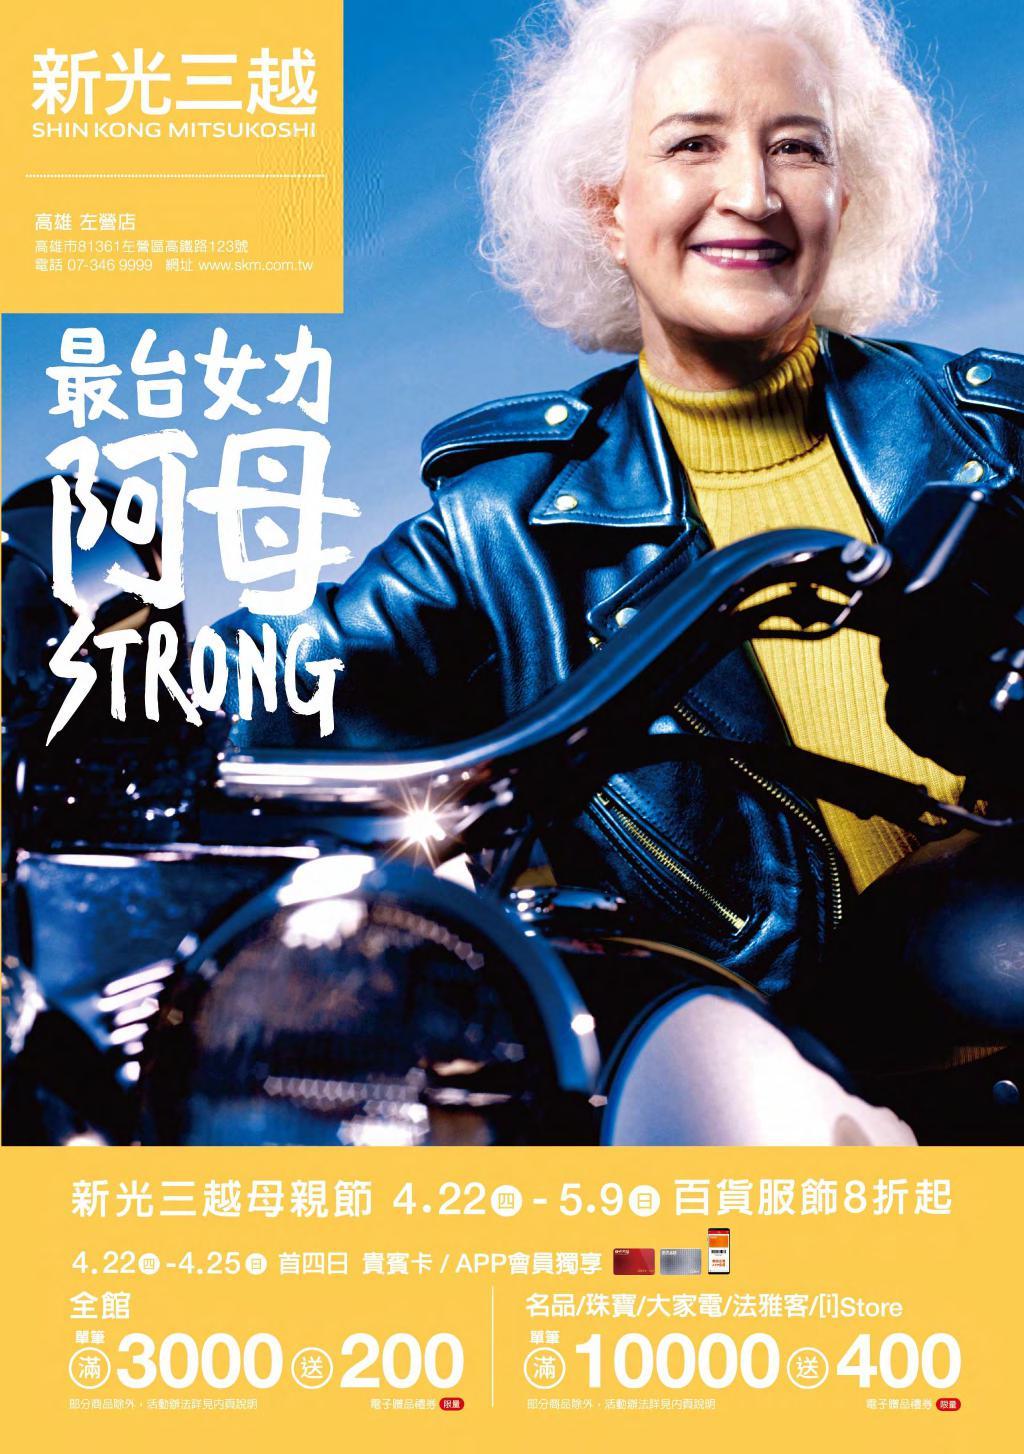 新光三越《高雄左營店》DM 2021母親節【2021/5/9 止】